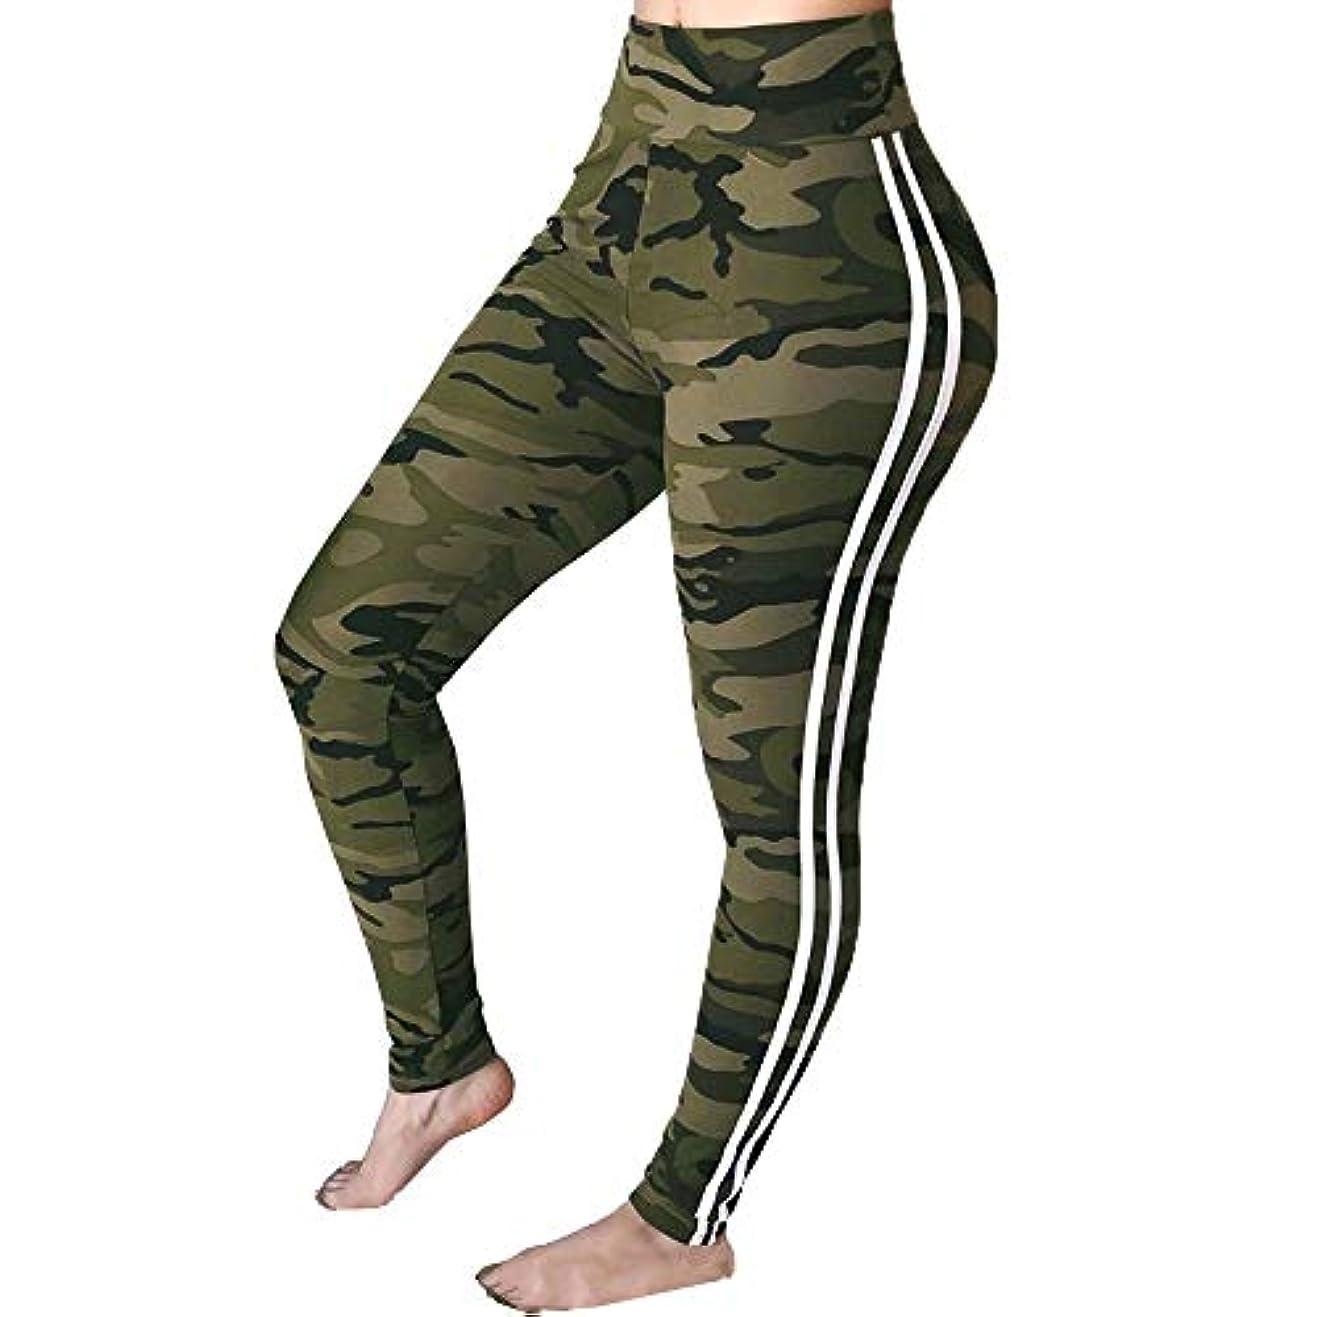 特許モトリーグラスMIFAN 女性パンツ、ロングパンツ、ハイウエストパンツ、スポーツパンツ、スキニーパンツ、ヨガパンツ、